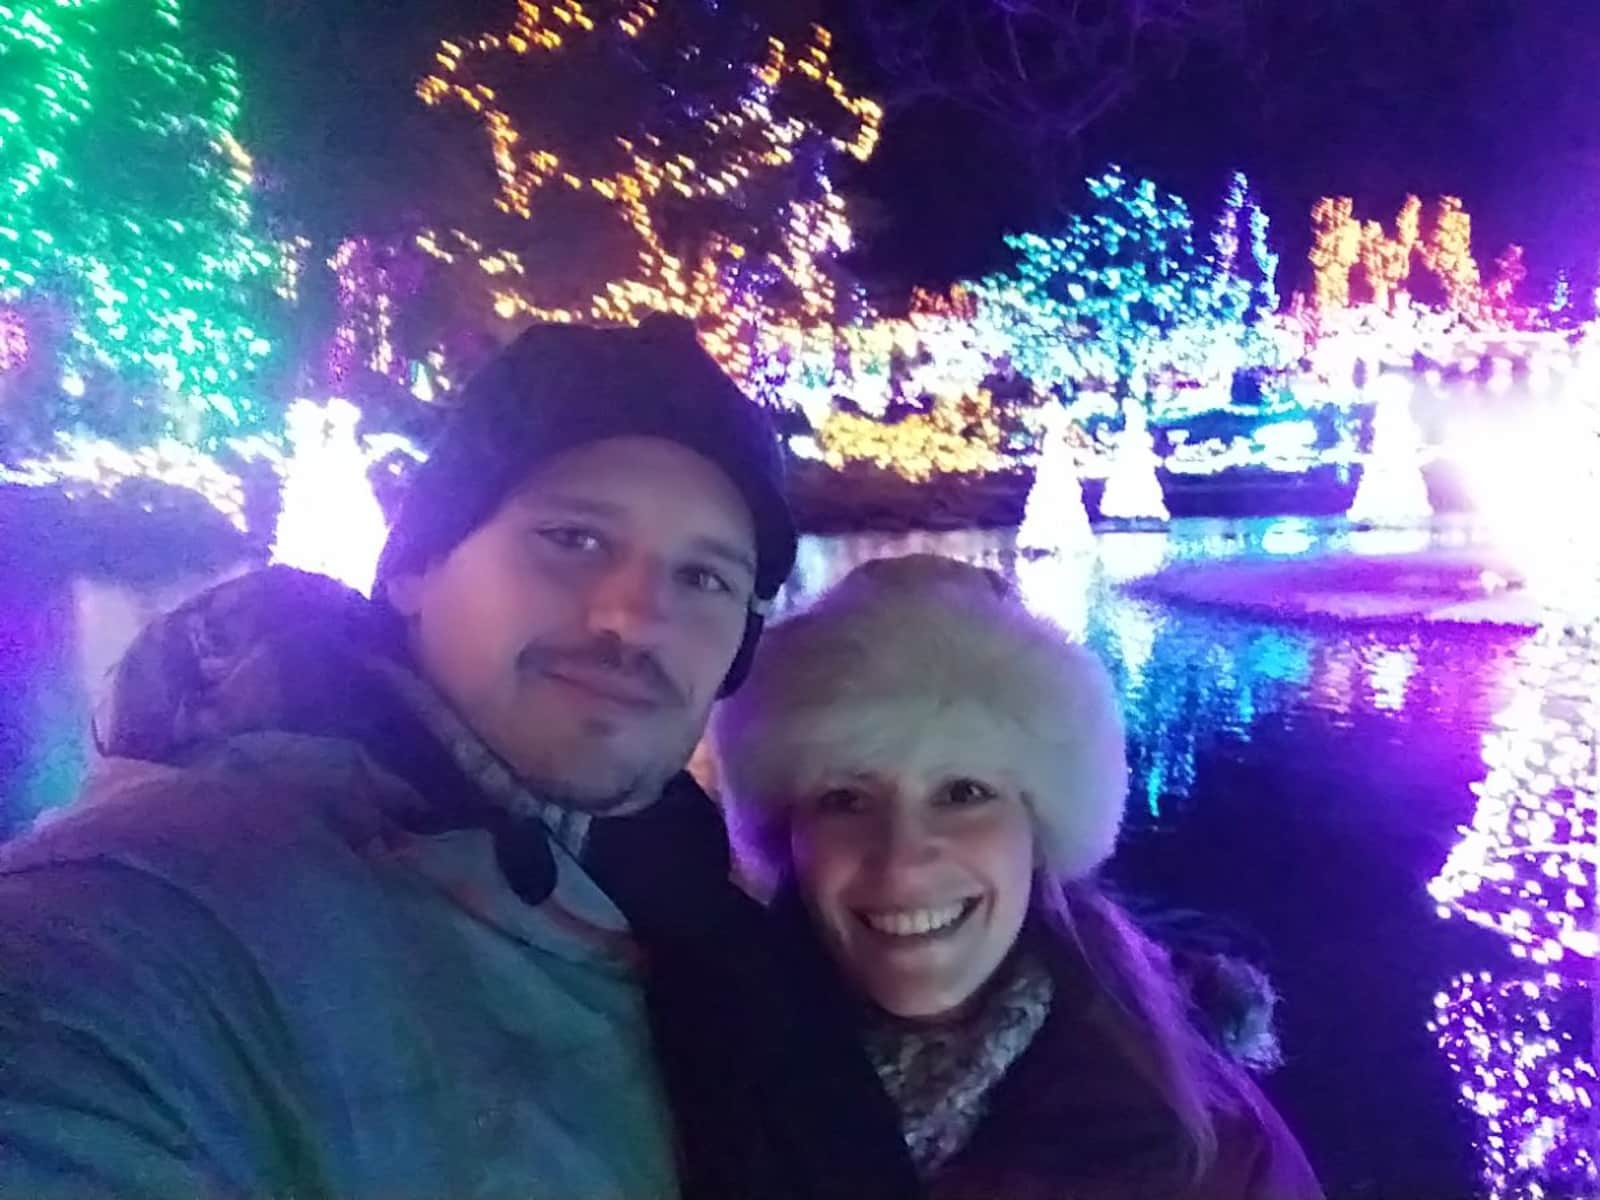 Natalia & Marcel from Maple Ridge, British Columbia, Canada